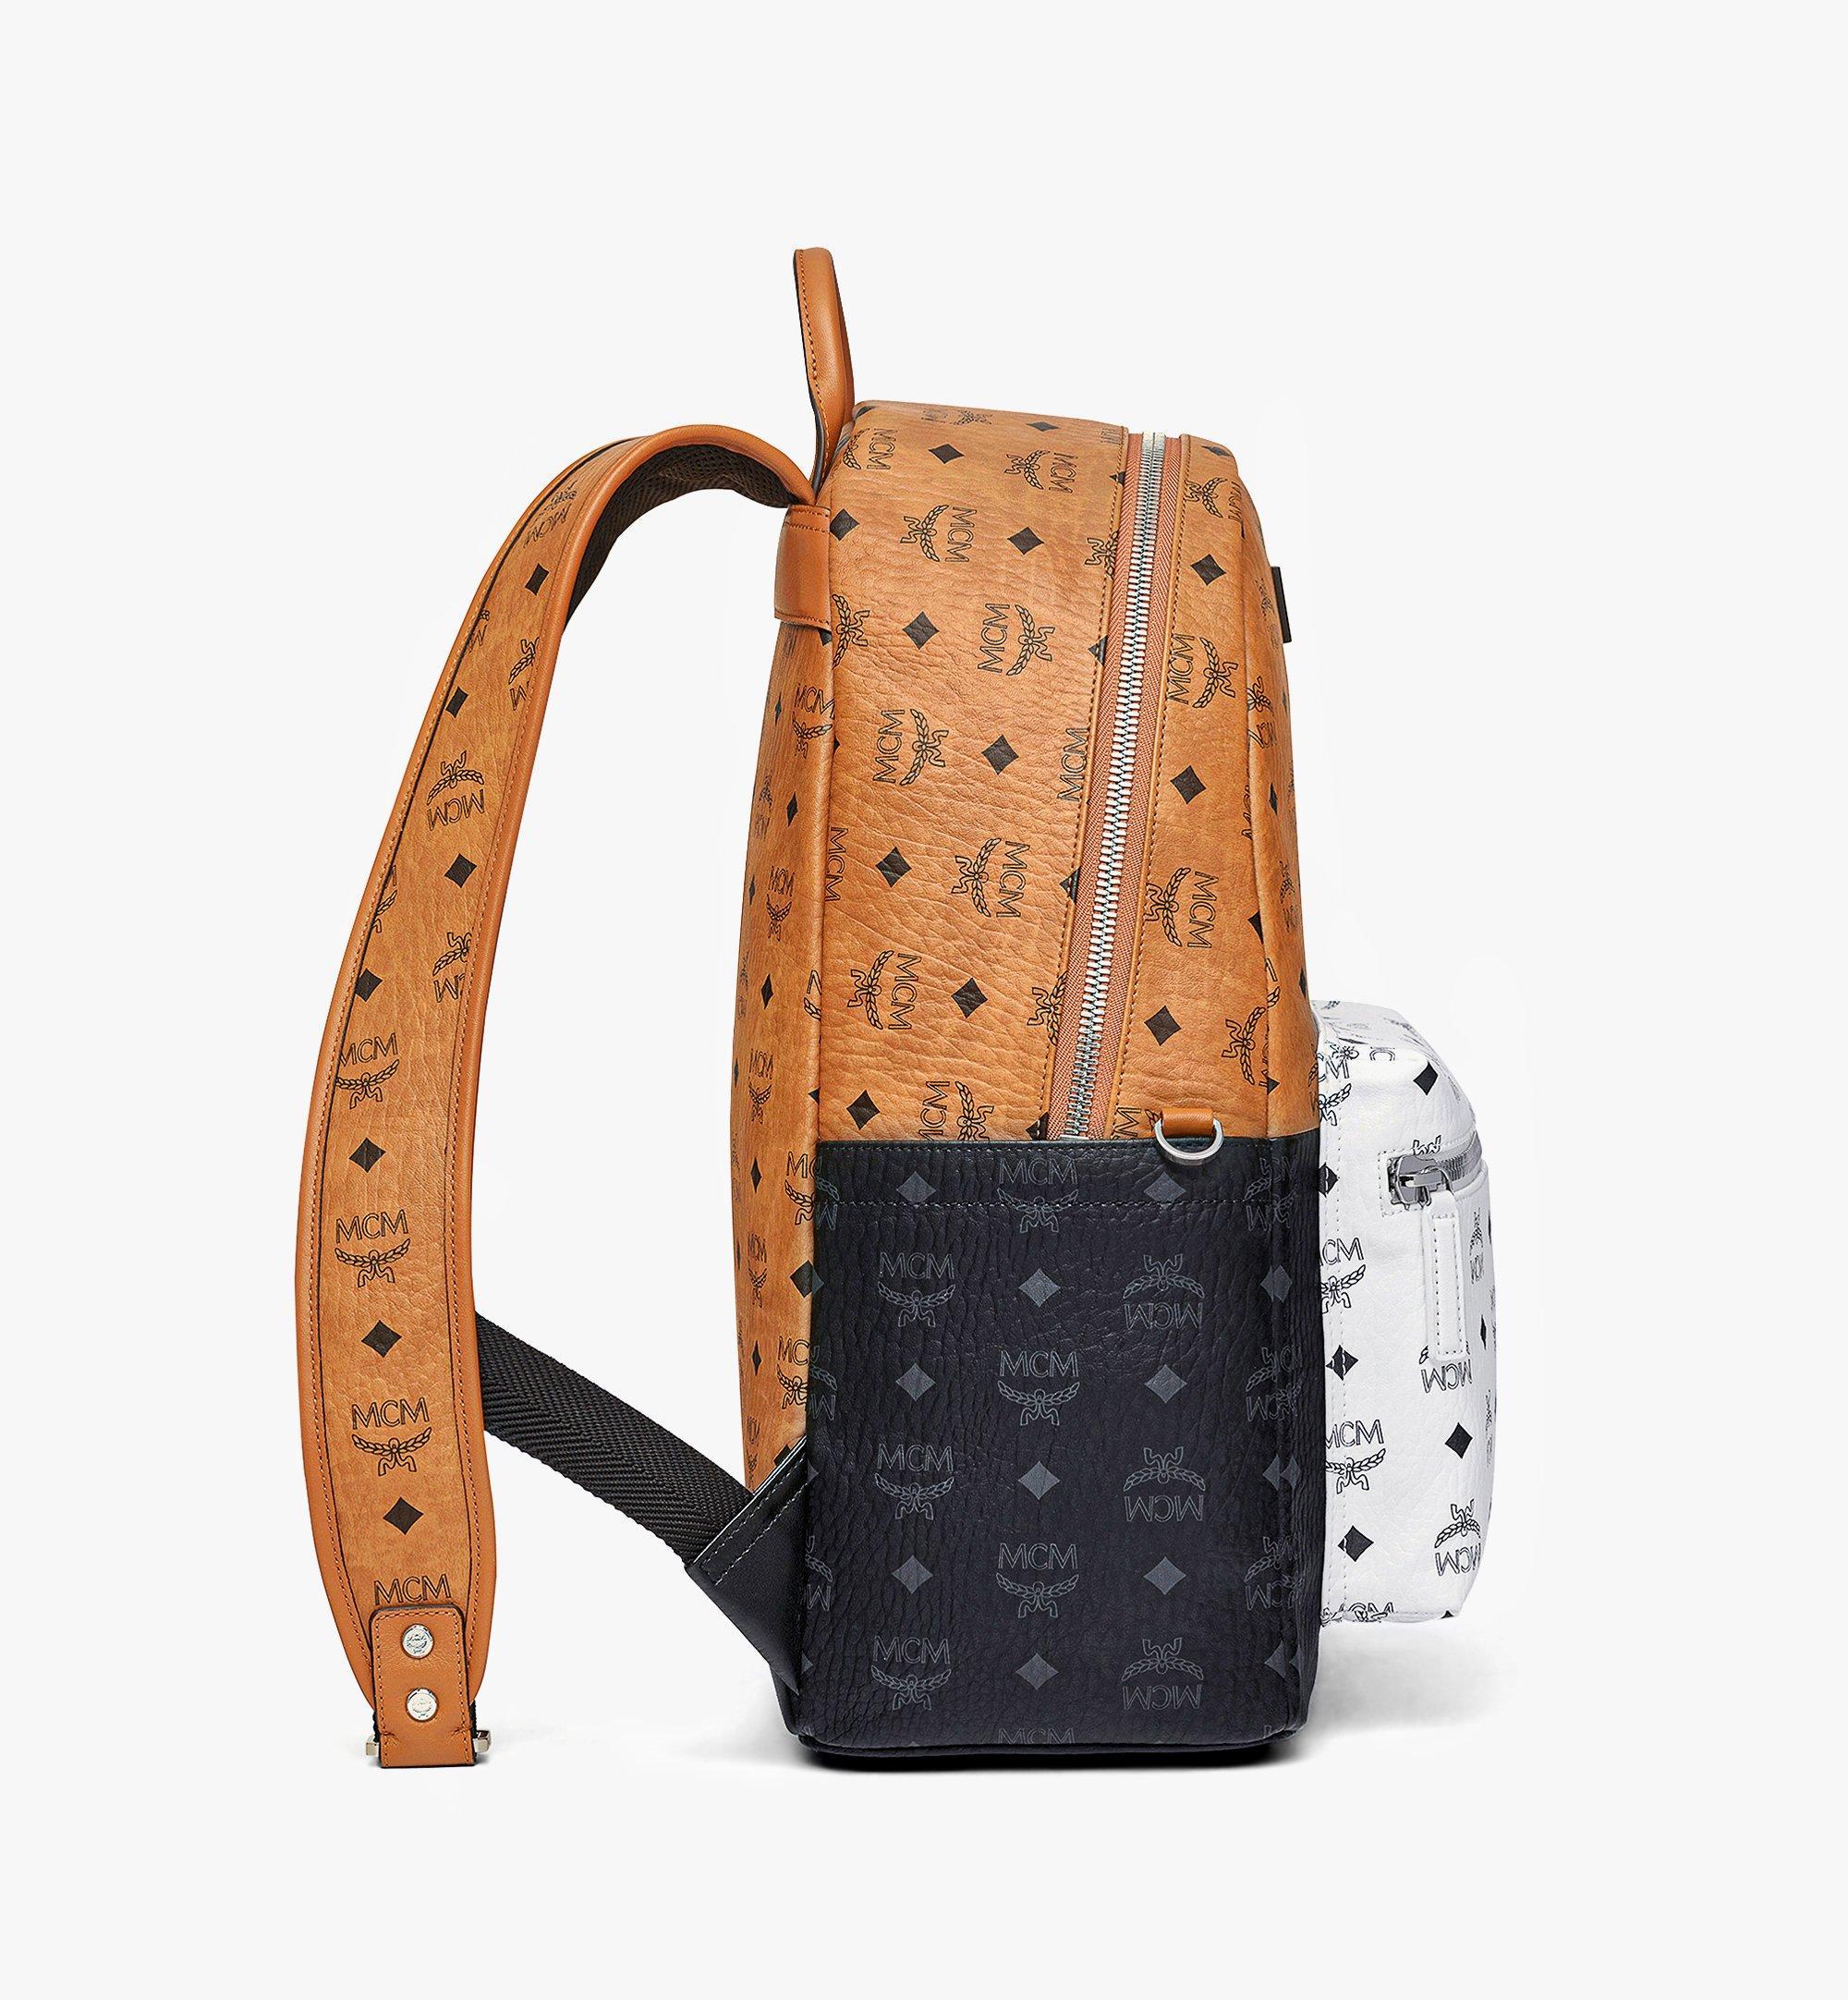 MCM กระเป๋าเป้สะพายหลัง Stark ลาย Visetos Mix Cognac MMKBSVE02CO001 มุมมองอื่น 1